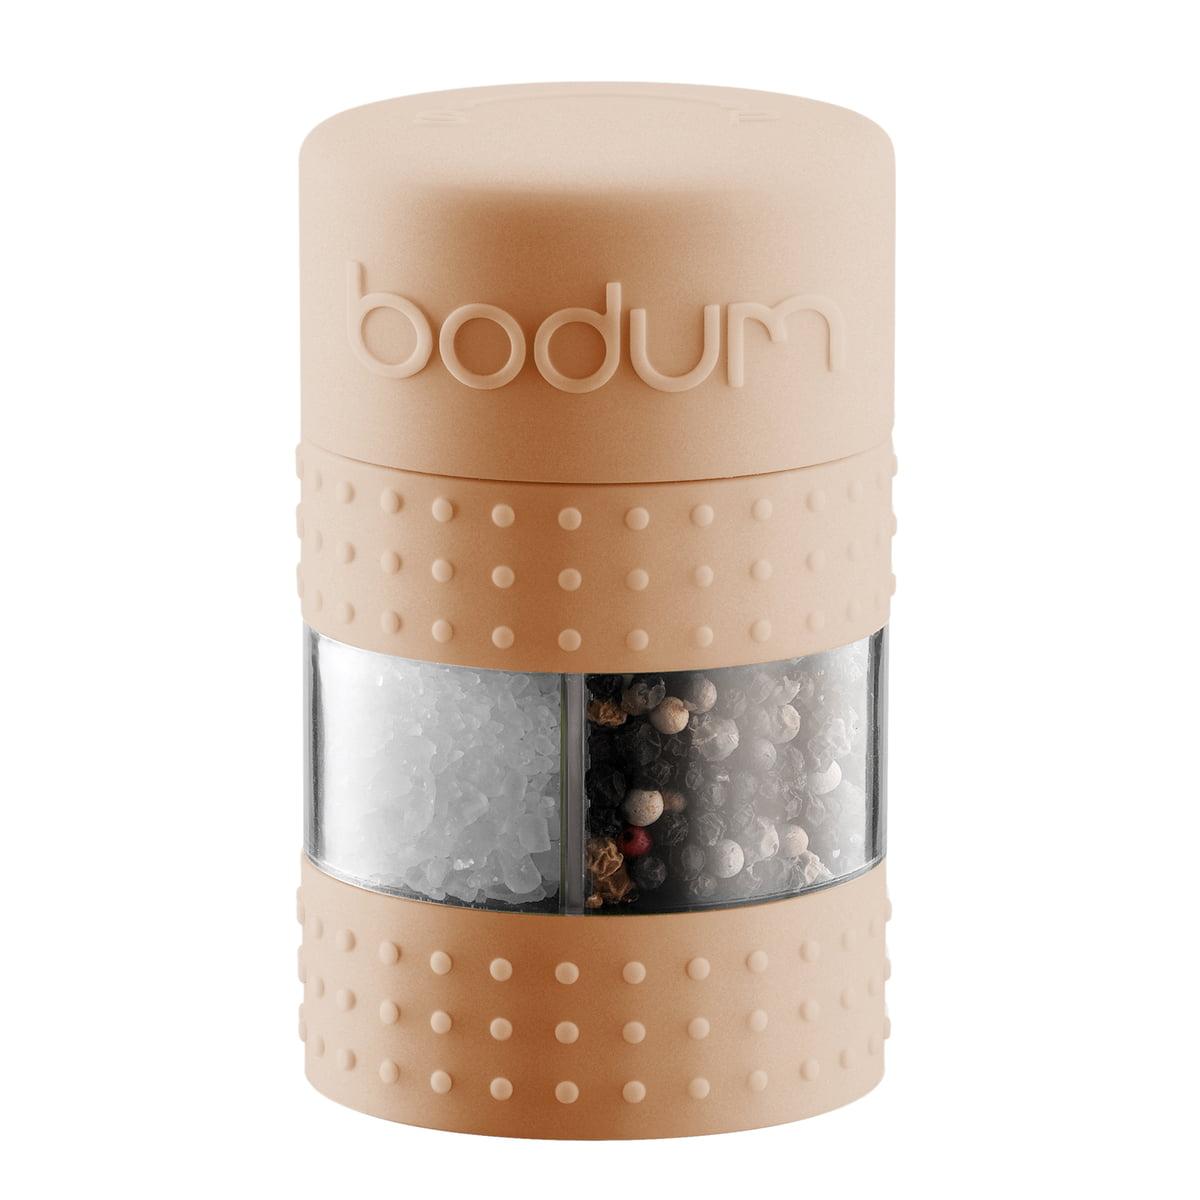 Bodum - Bistro Salz- und Pfeffermühle, cream | Küche und Esszimmer > Besteck und Geschirr > Geschirr | Beige | Gummi -  kunststoff -  keramik -  aluminium -  edelstahl | Bodum